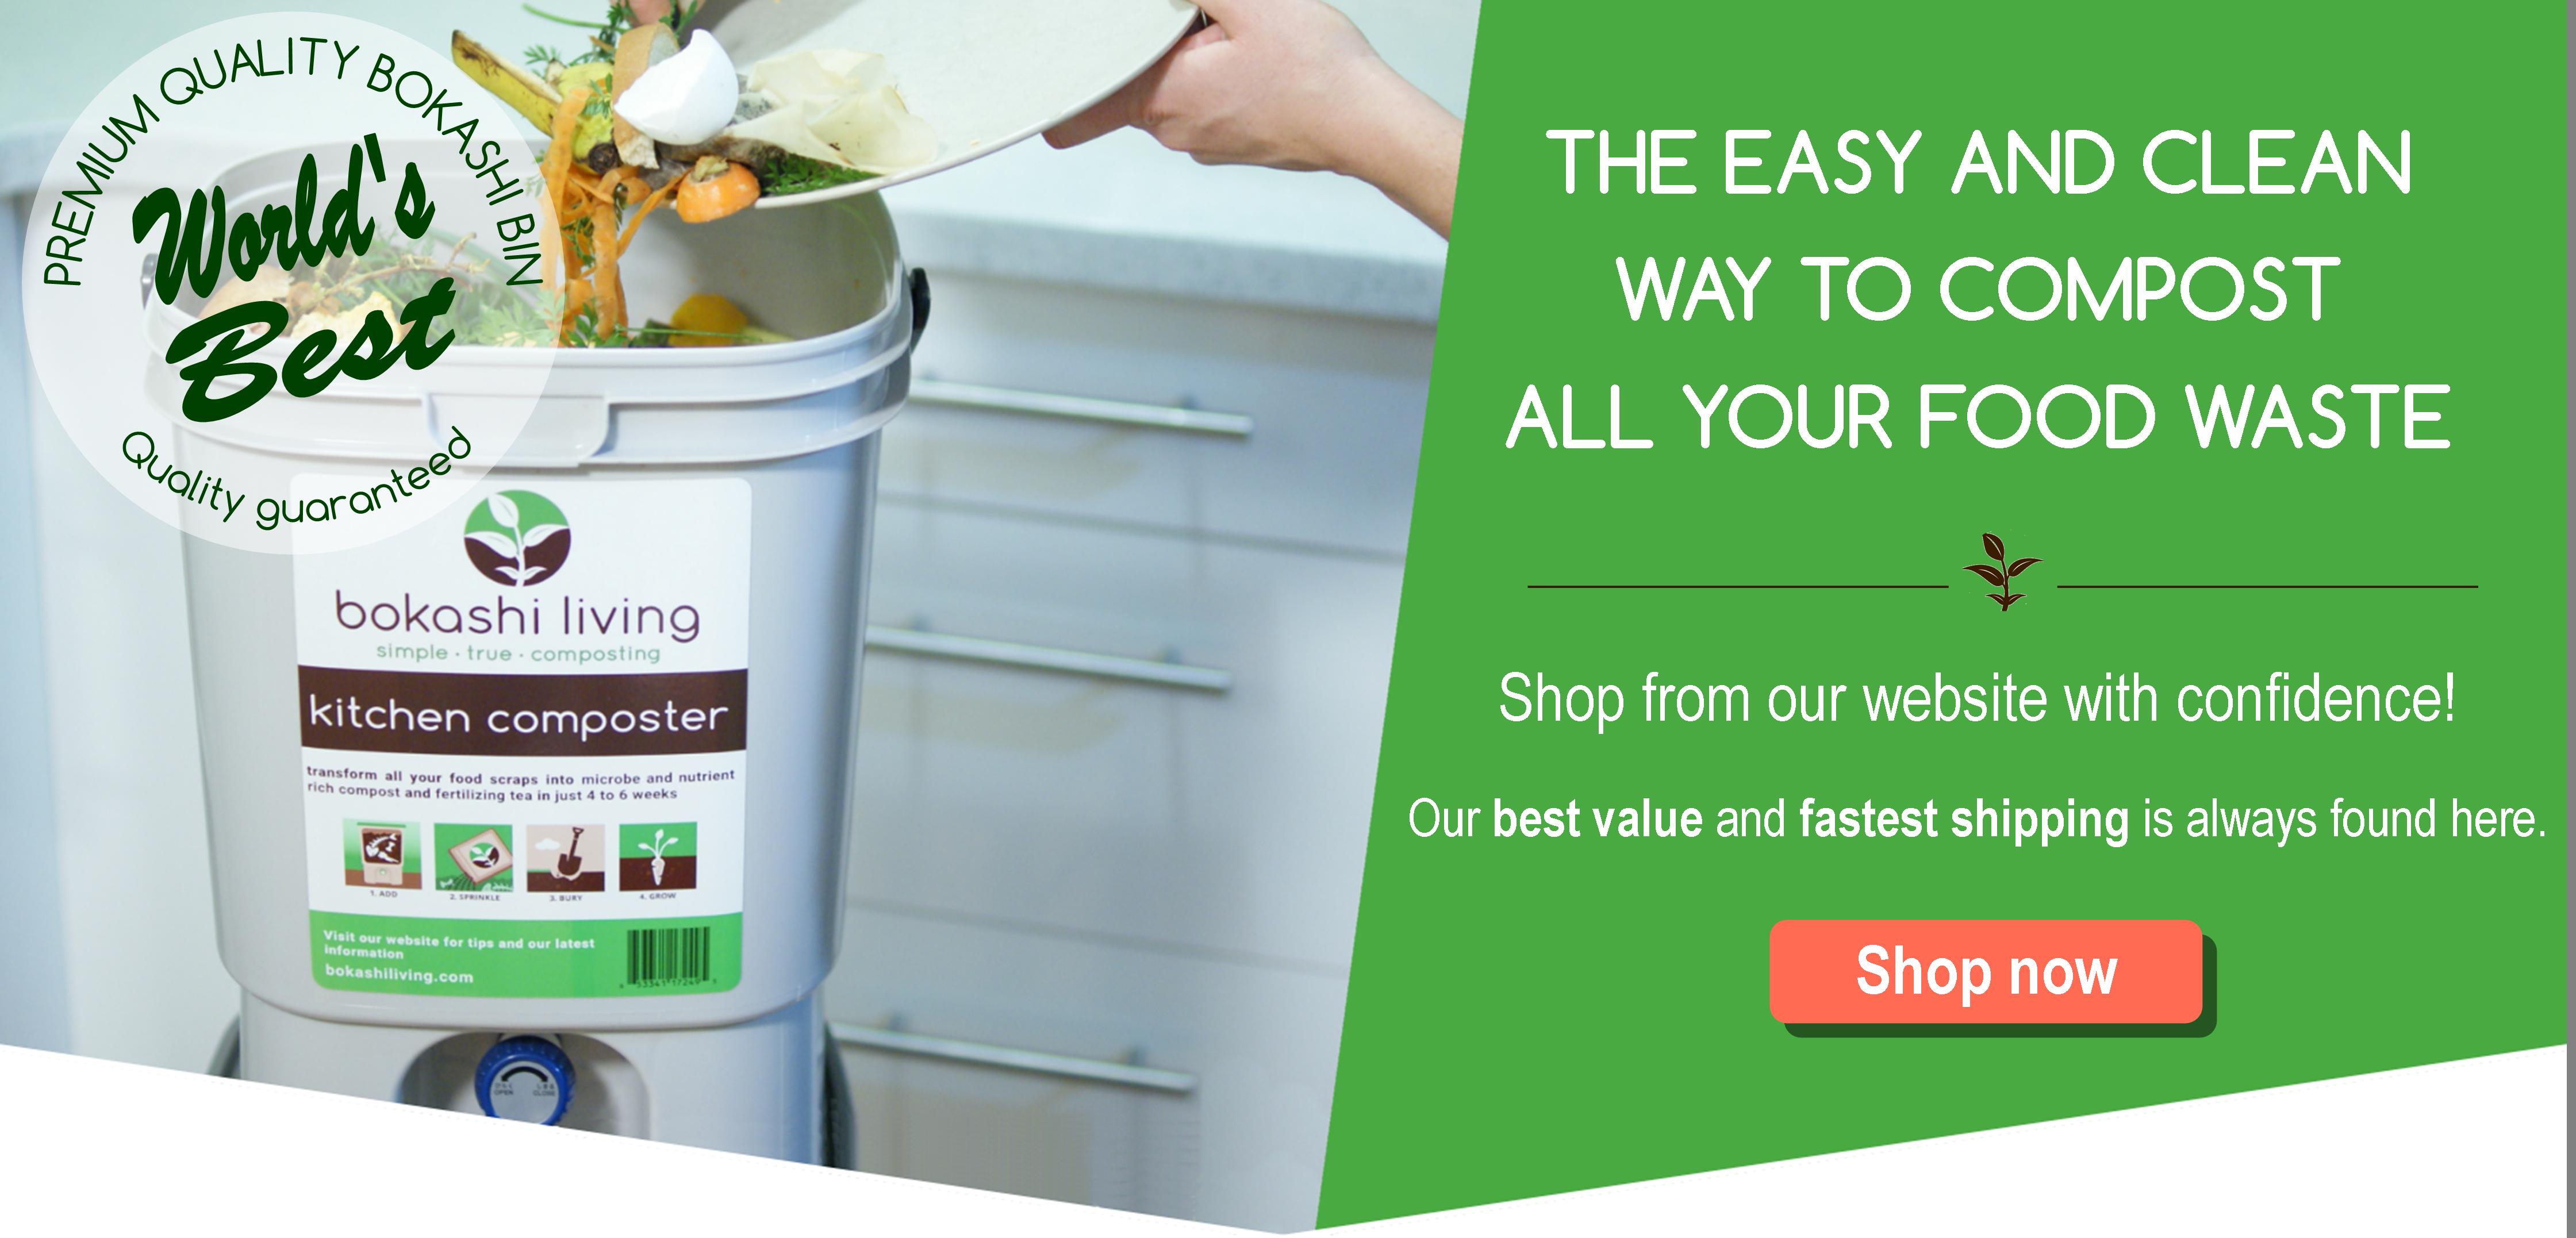 Bokashi Composting - Best quality